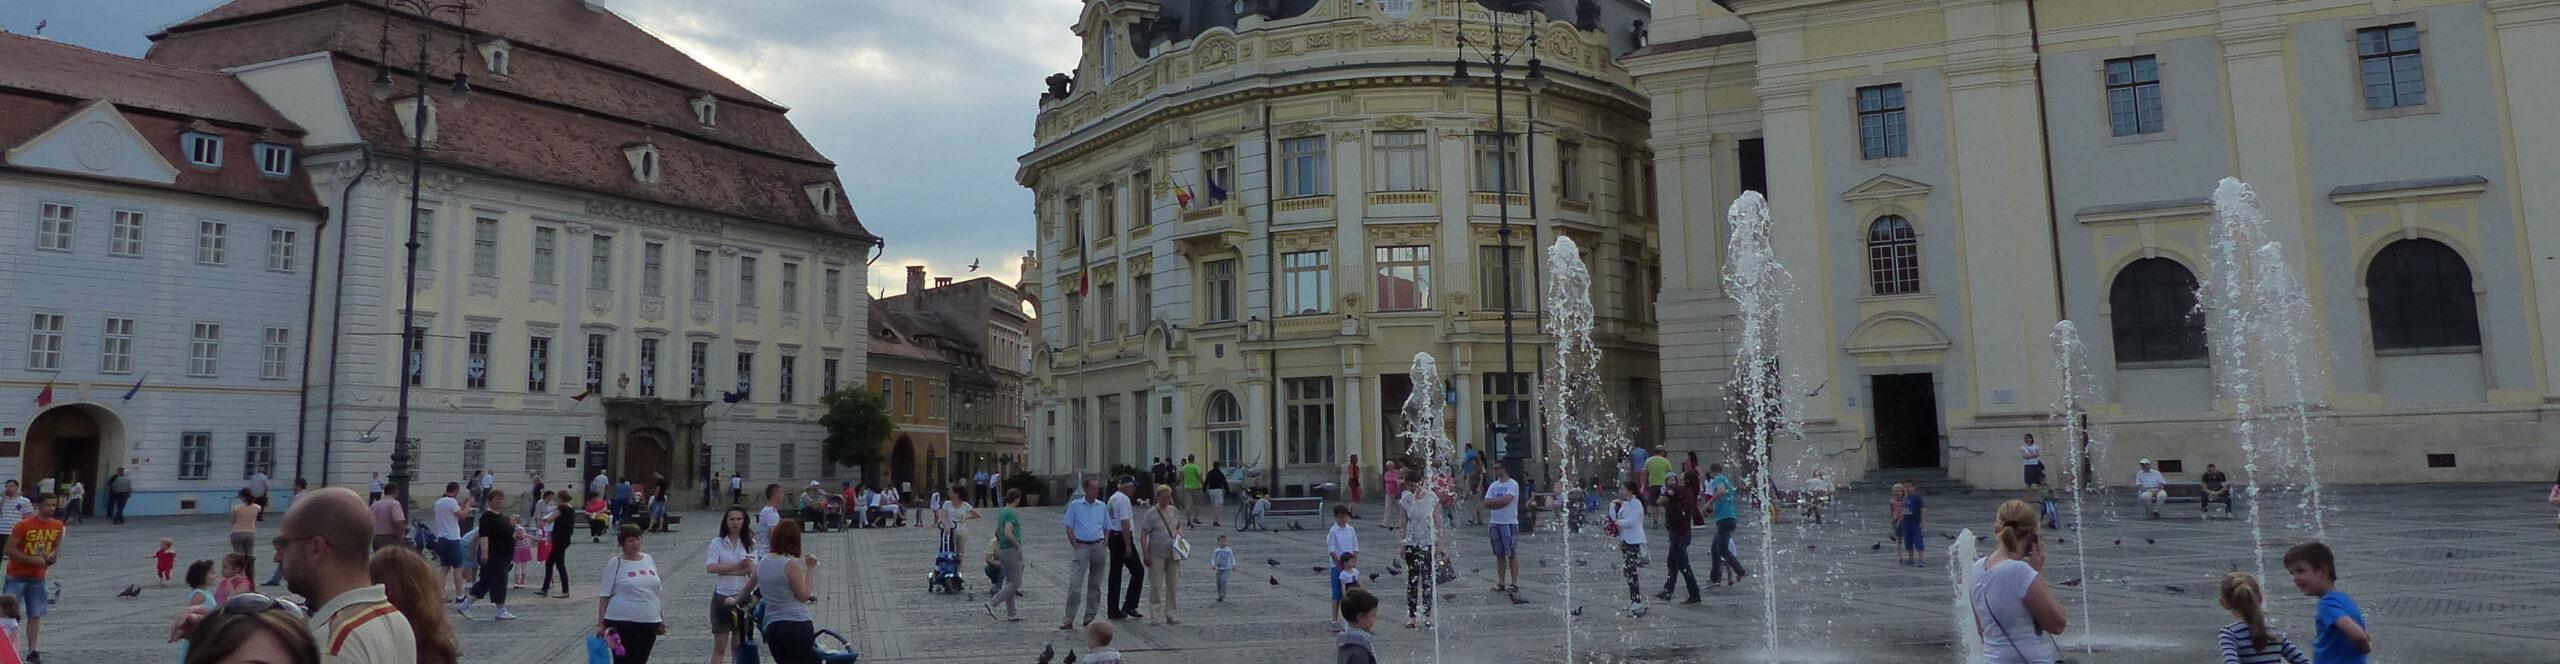 RUMÄNIEN – Moldauklöster, Siebenbürgen, Bukarest, Donaudelta und vieles mehr… – Rundreise im komfortablen Reisebus ab Franken